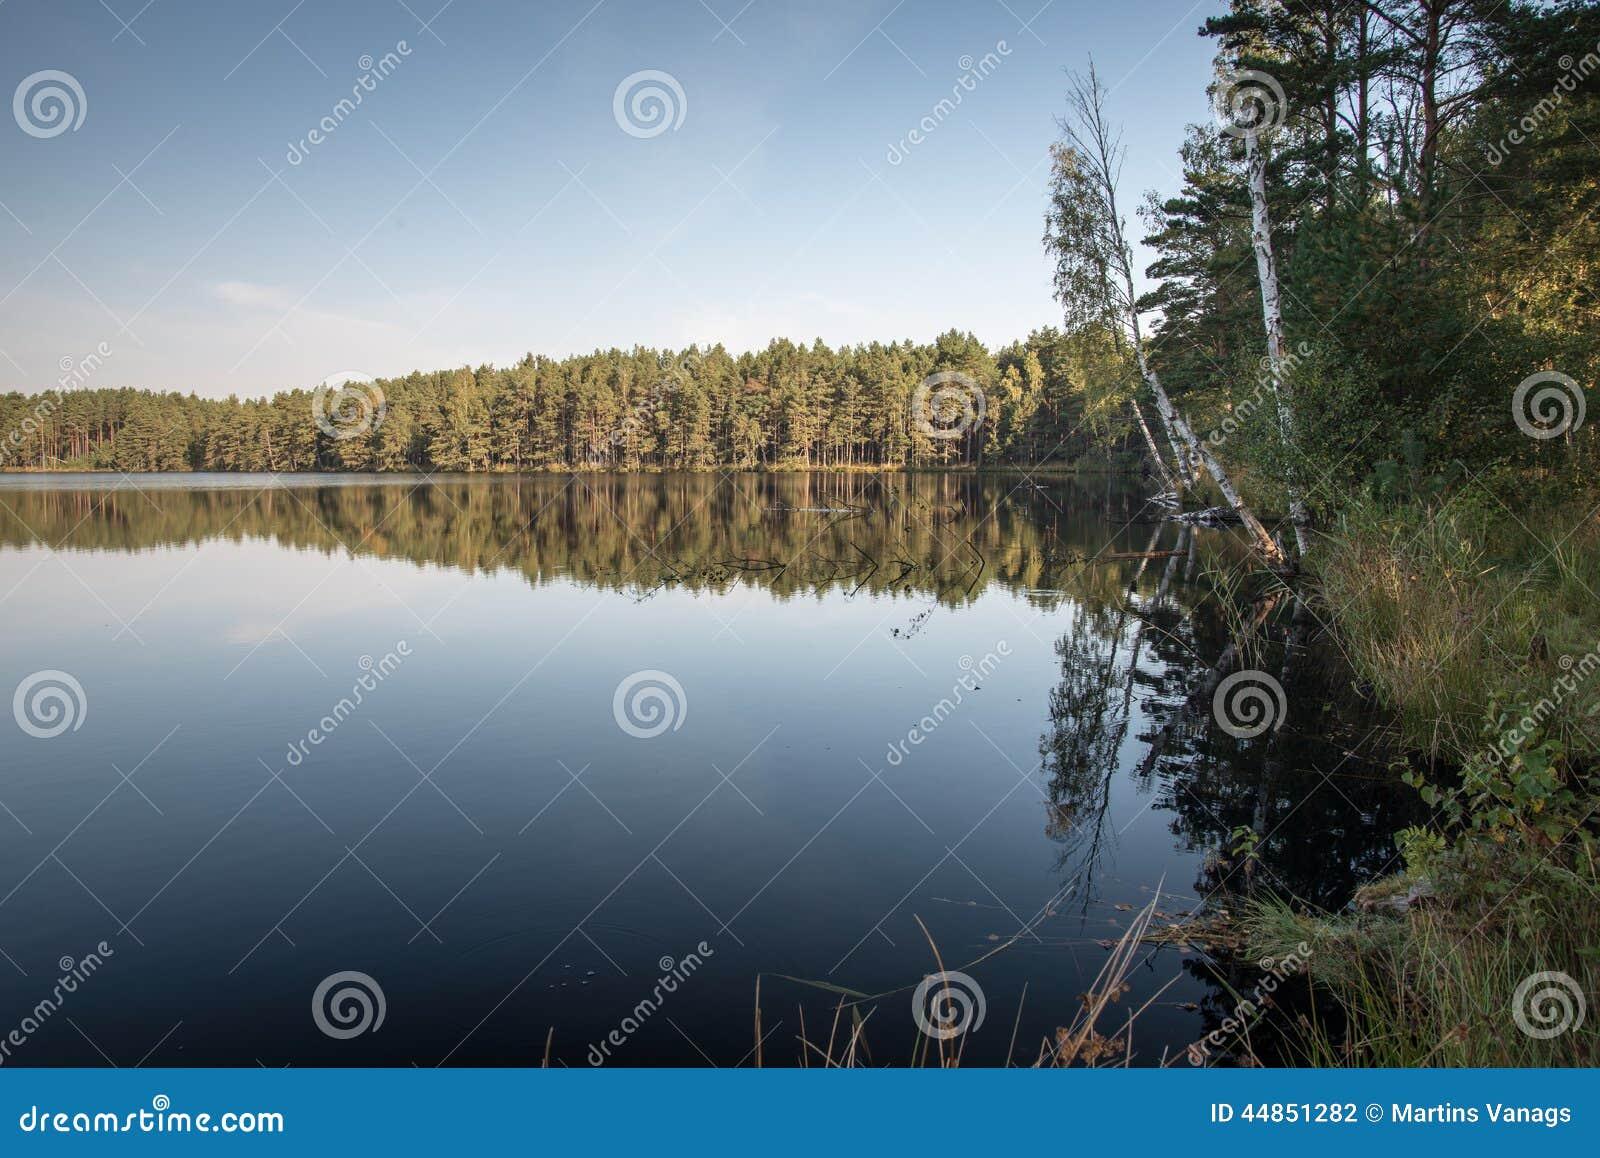 Reflexión de nubes en el lago con el paseo marítimo